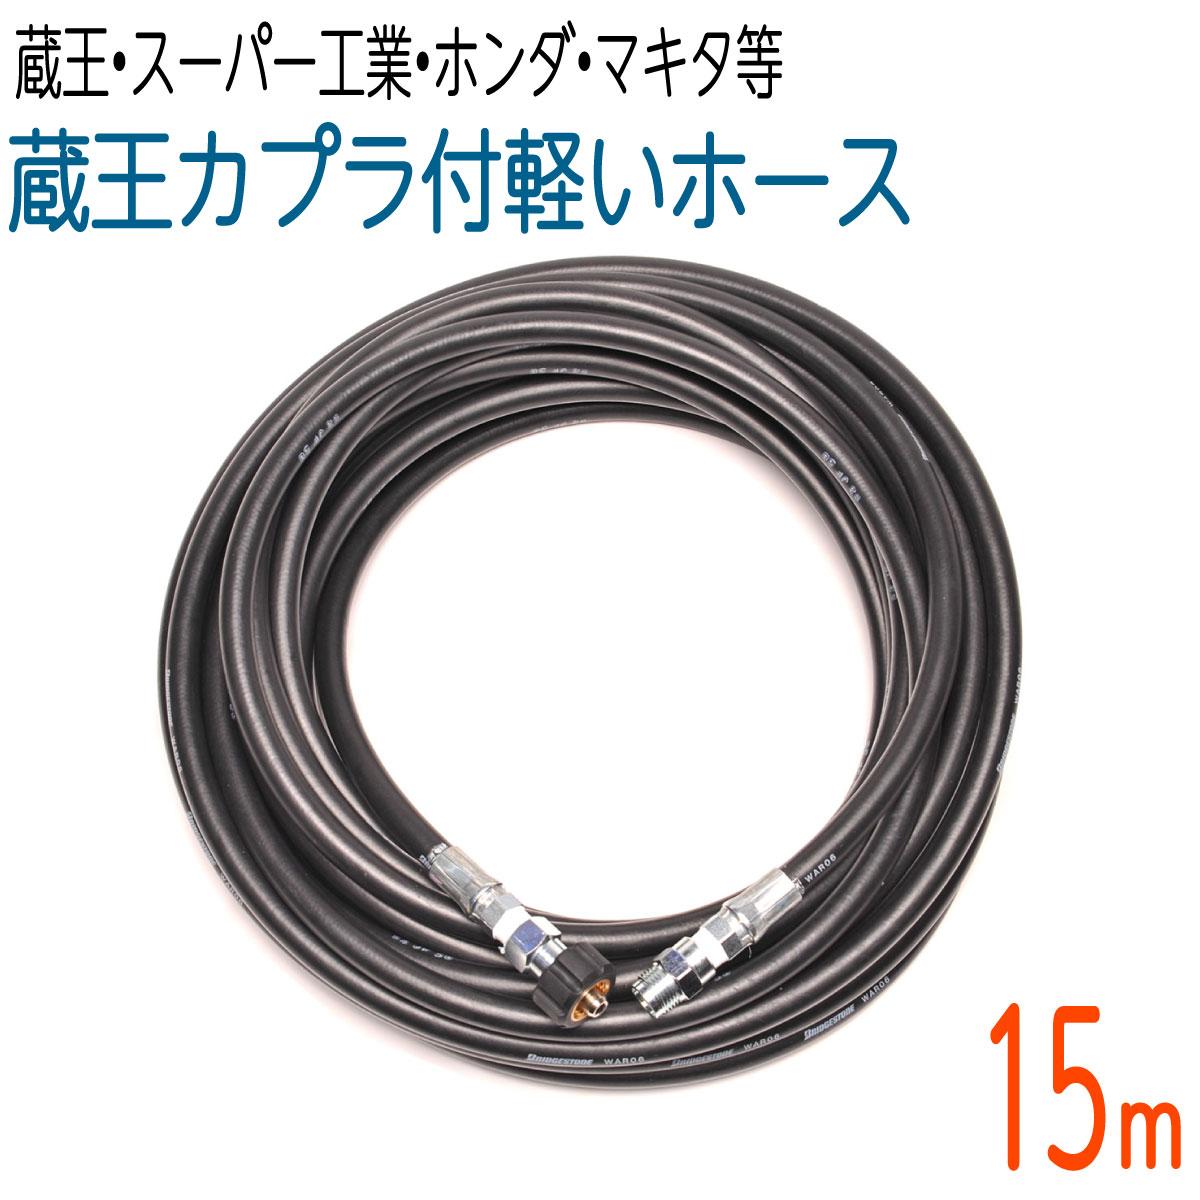 完売品 【15M】軽いホース蔵王産業(エンジン式)・スーパー工業対応カプラ付き